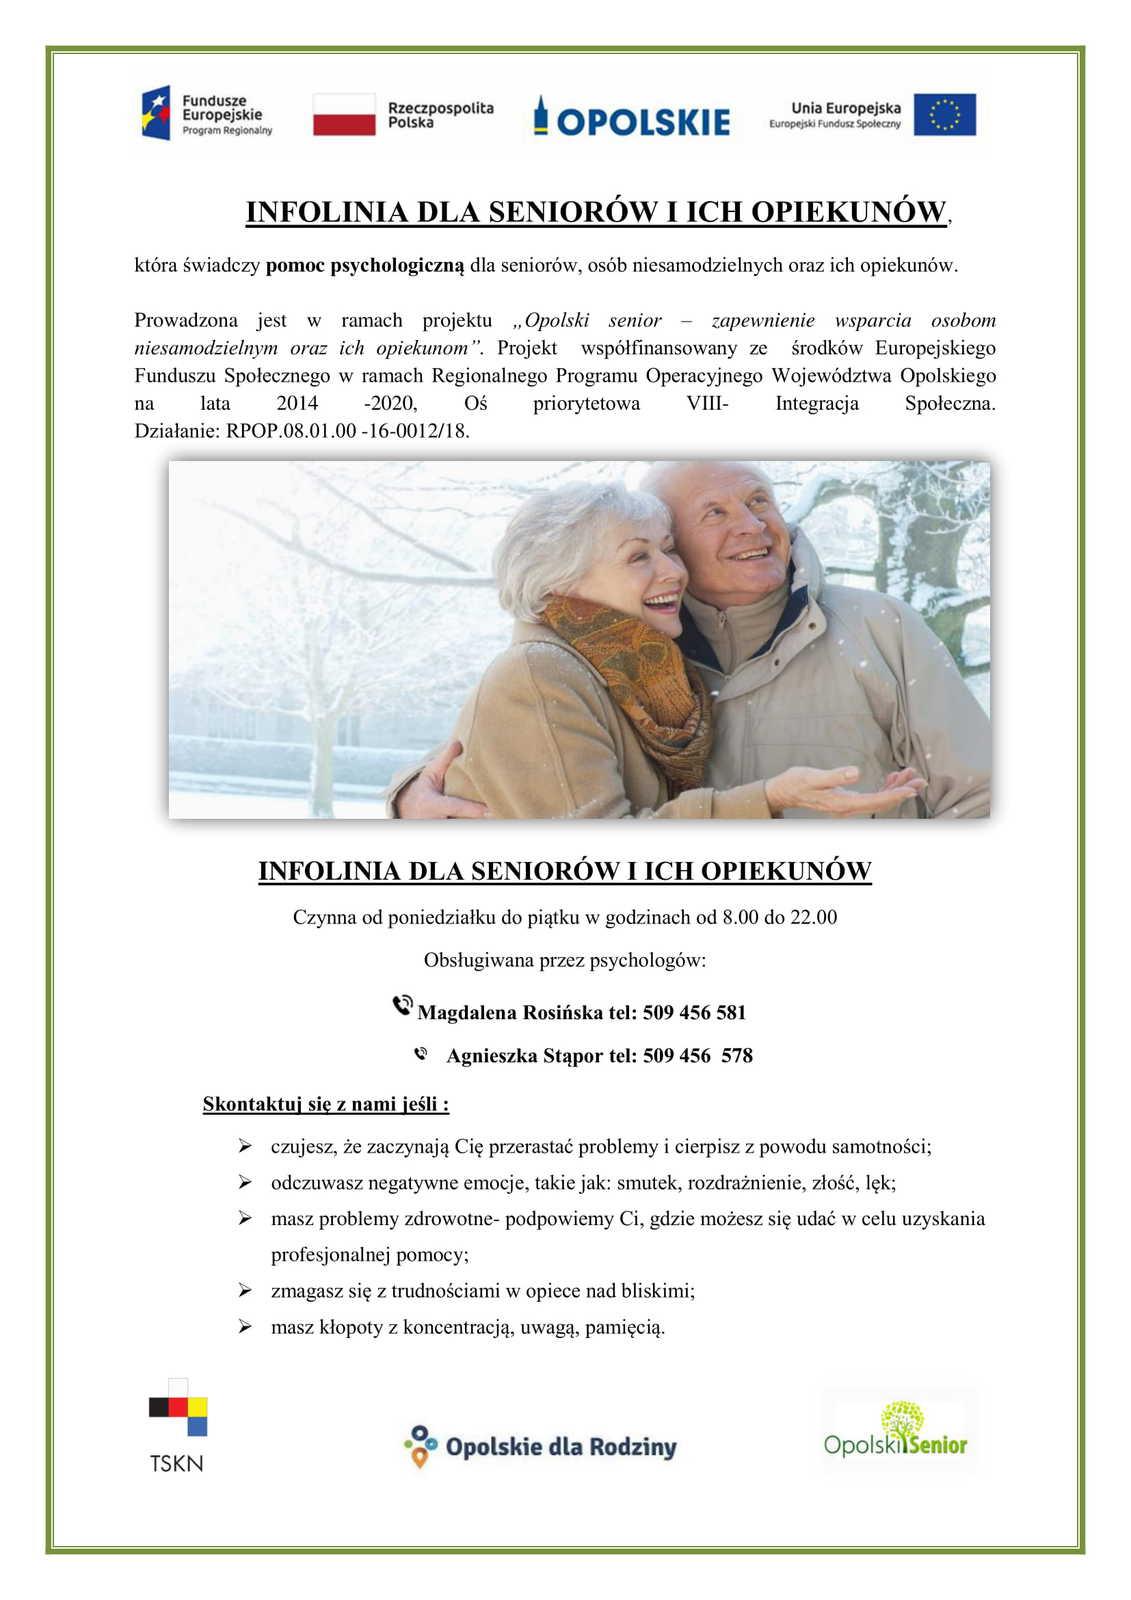 Infolinia dla seniorów-1.jpeg